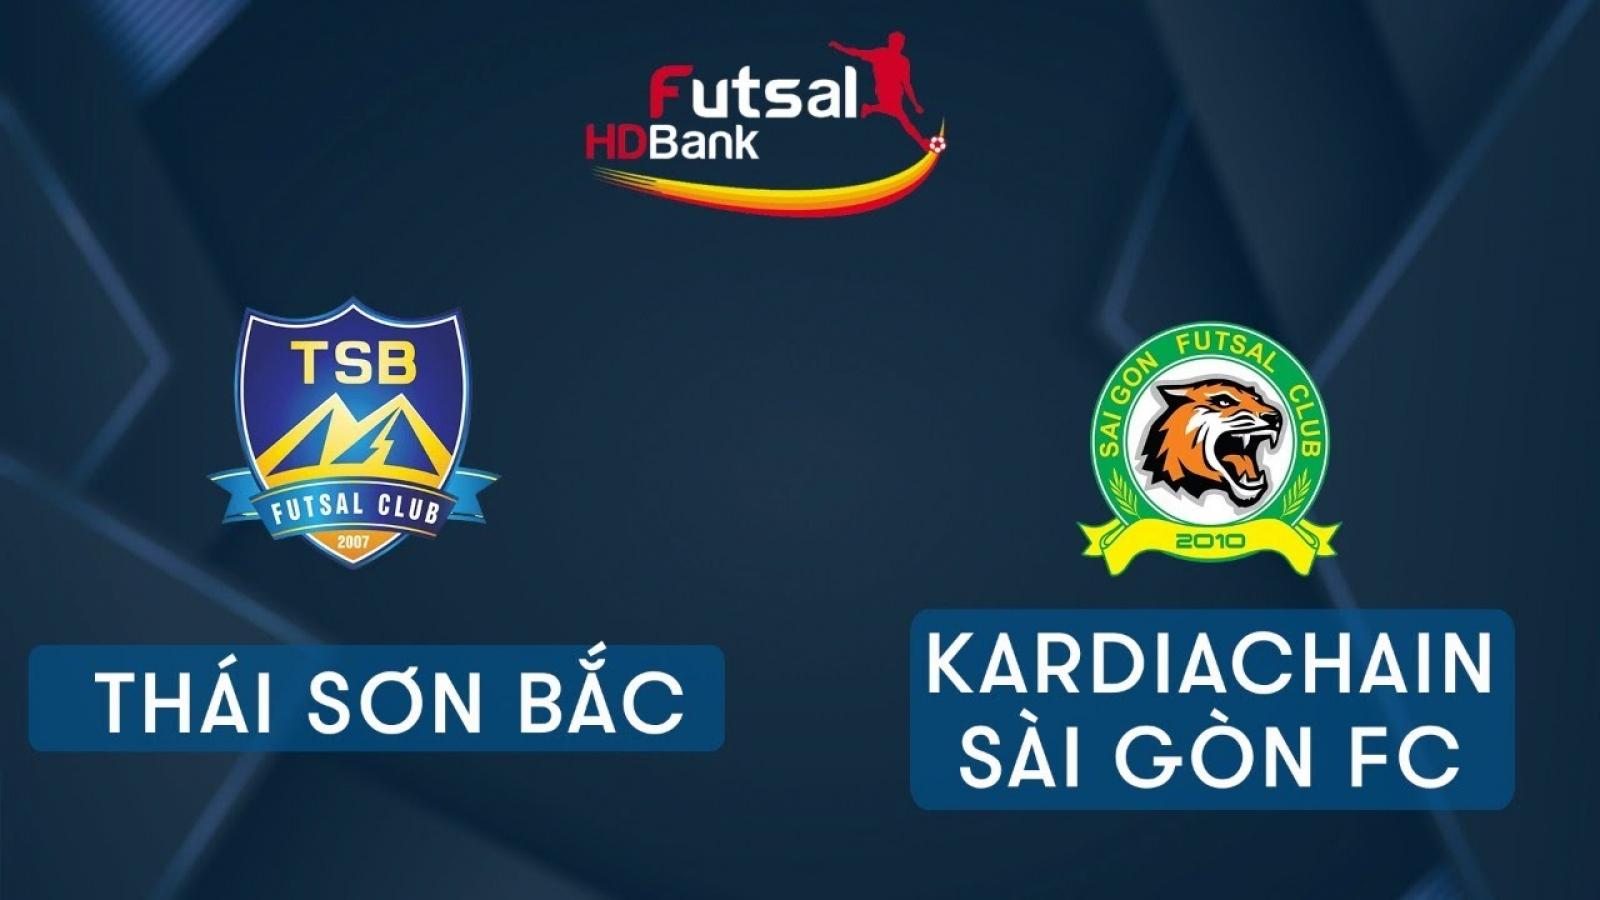 Xem trực tiếp Futsal HDBank VĐQG 2020: Thái Sơn Bắc - Kardiachain Sài Gòn